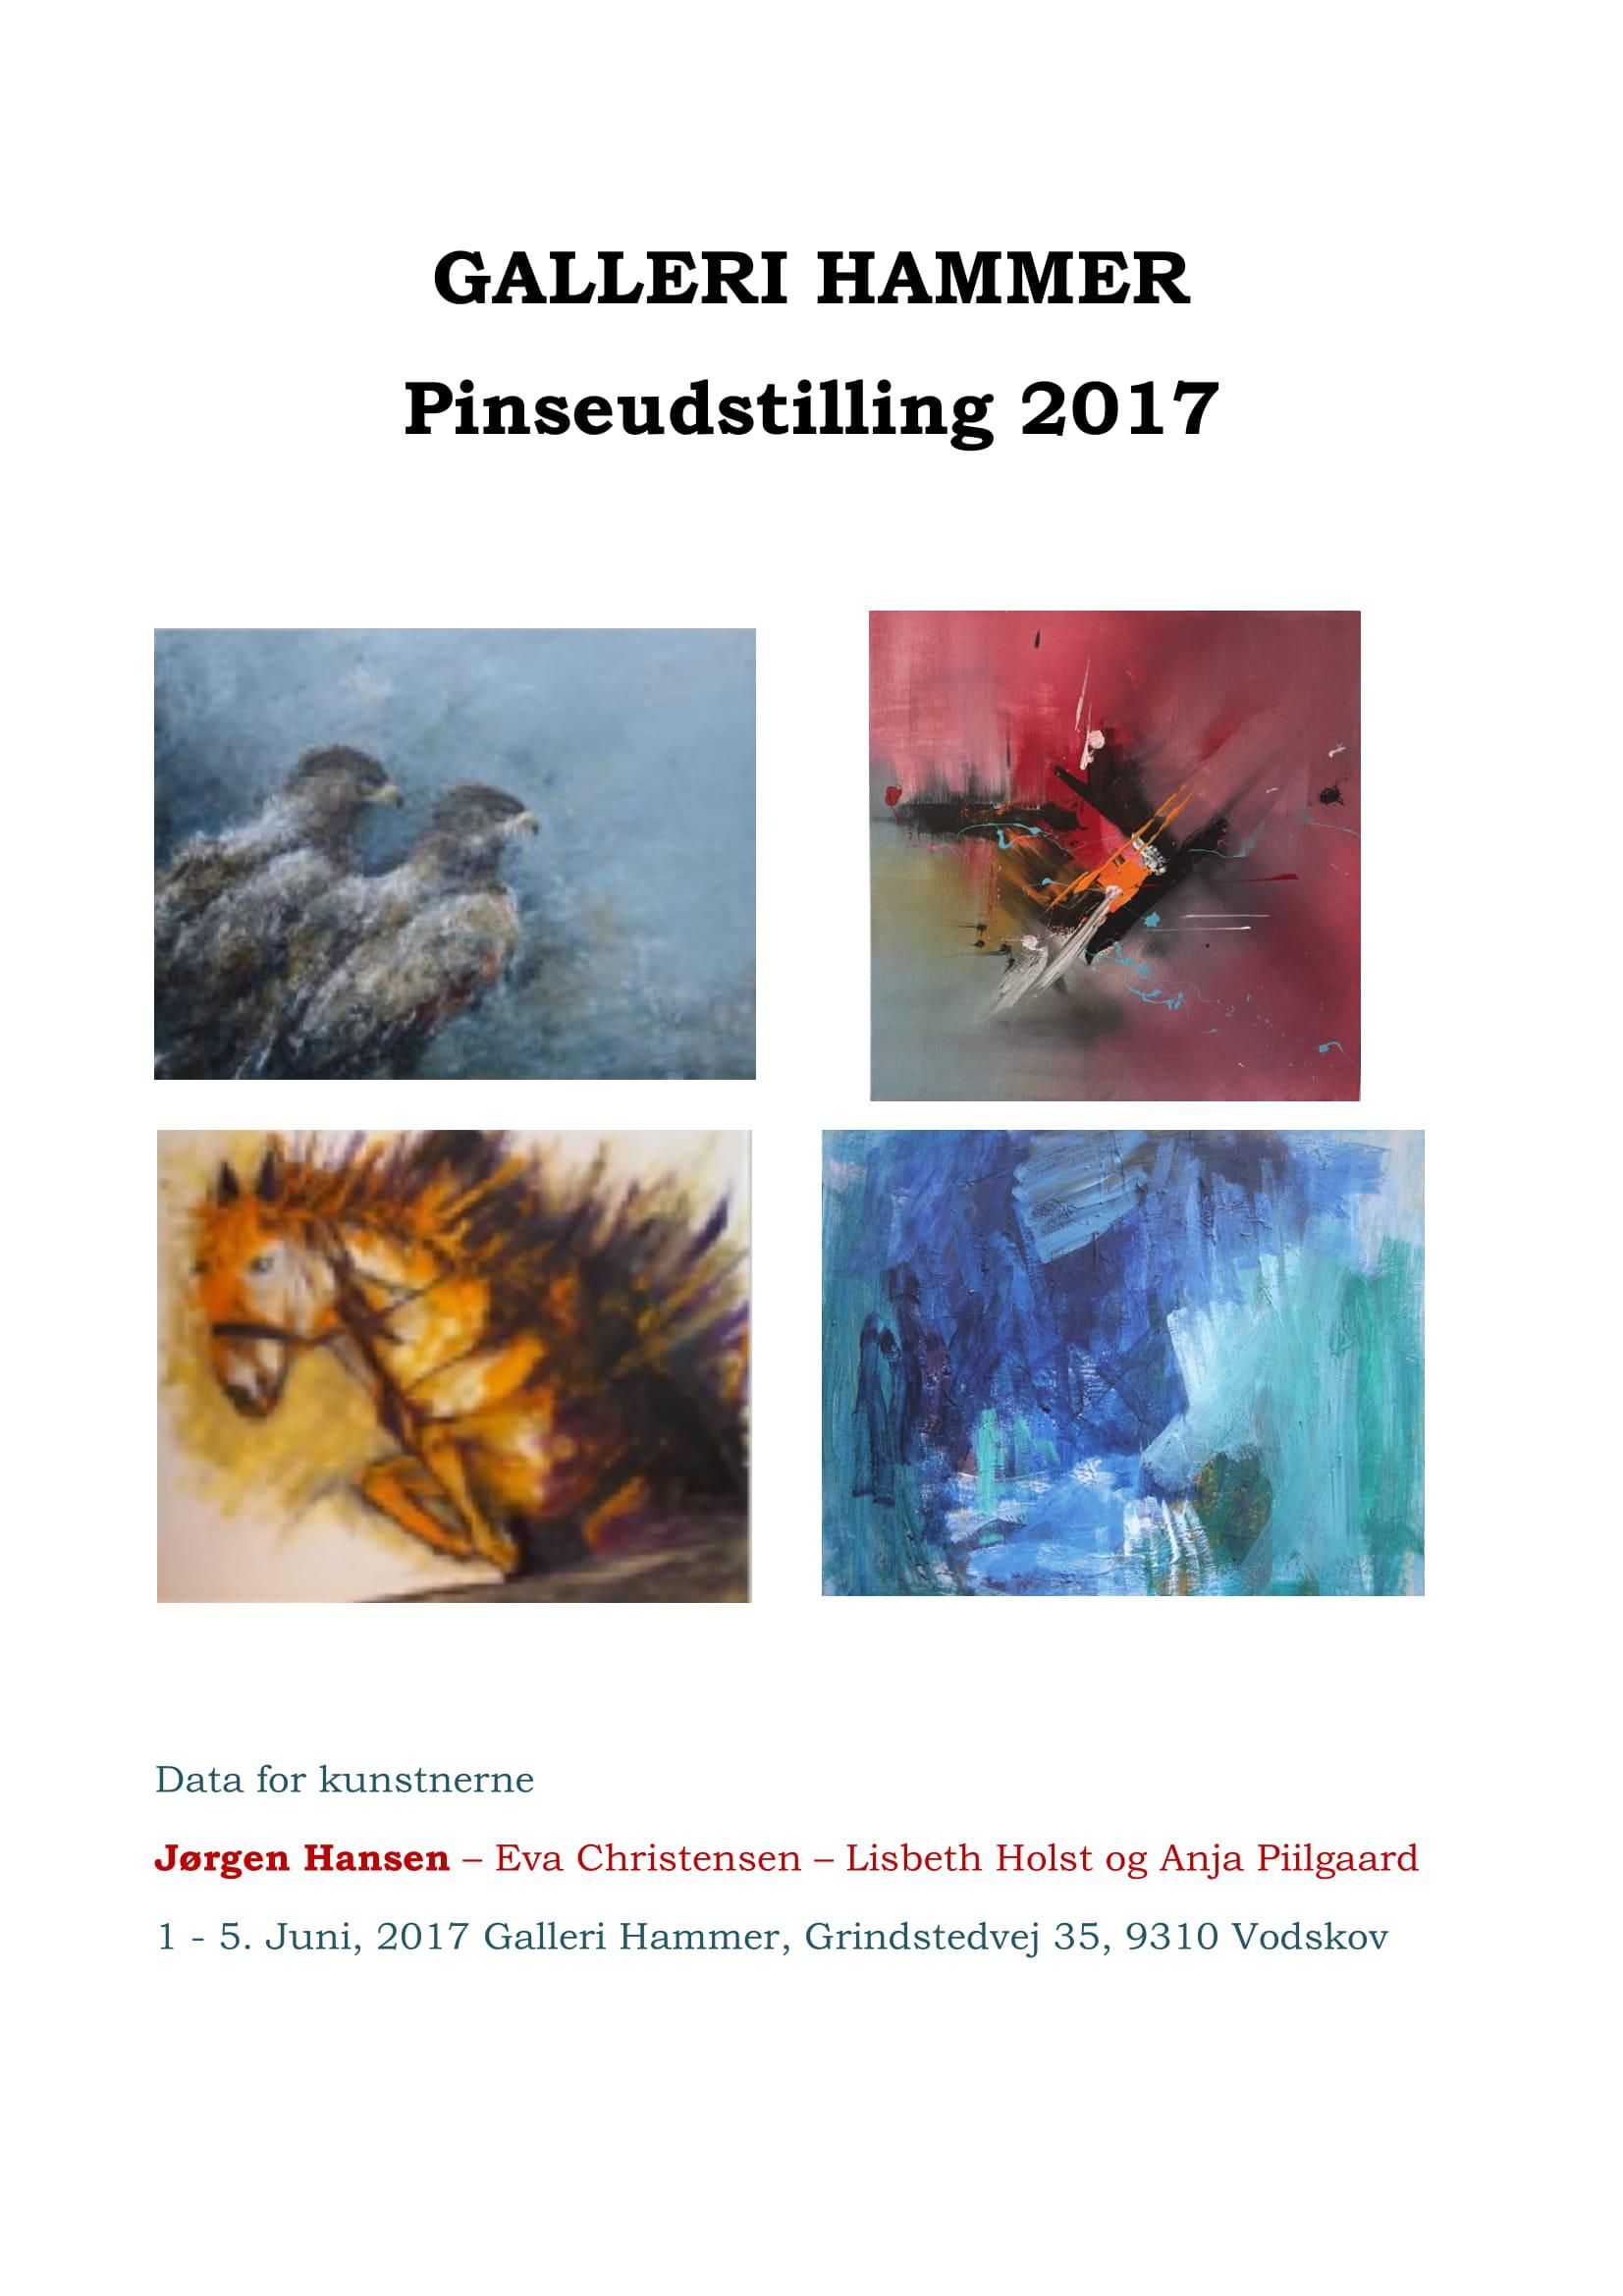 katalog pinseudstilling 2017-1.jpg